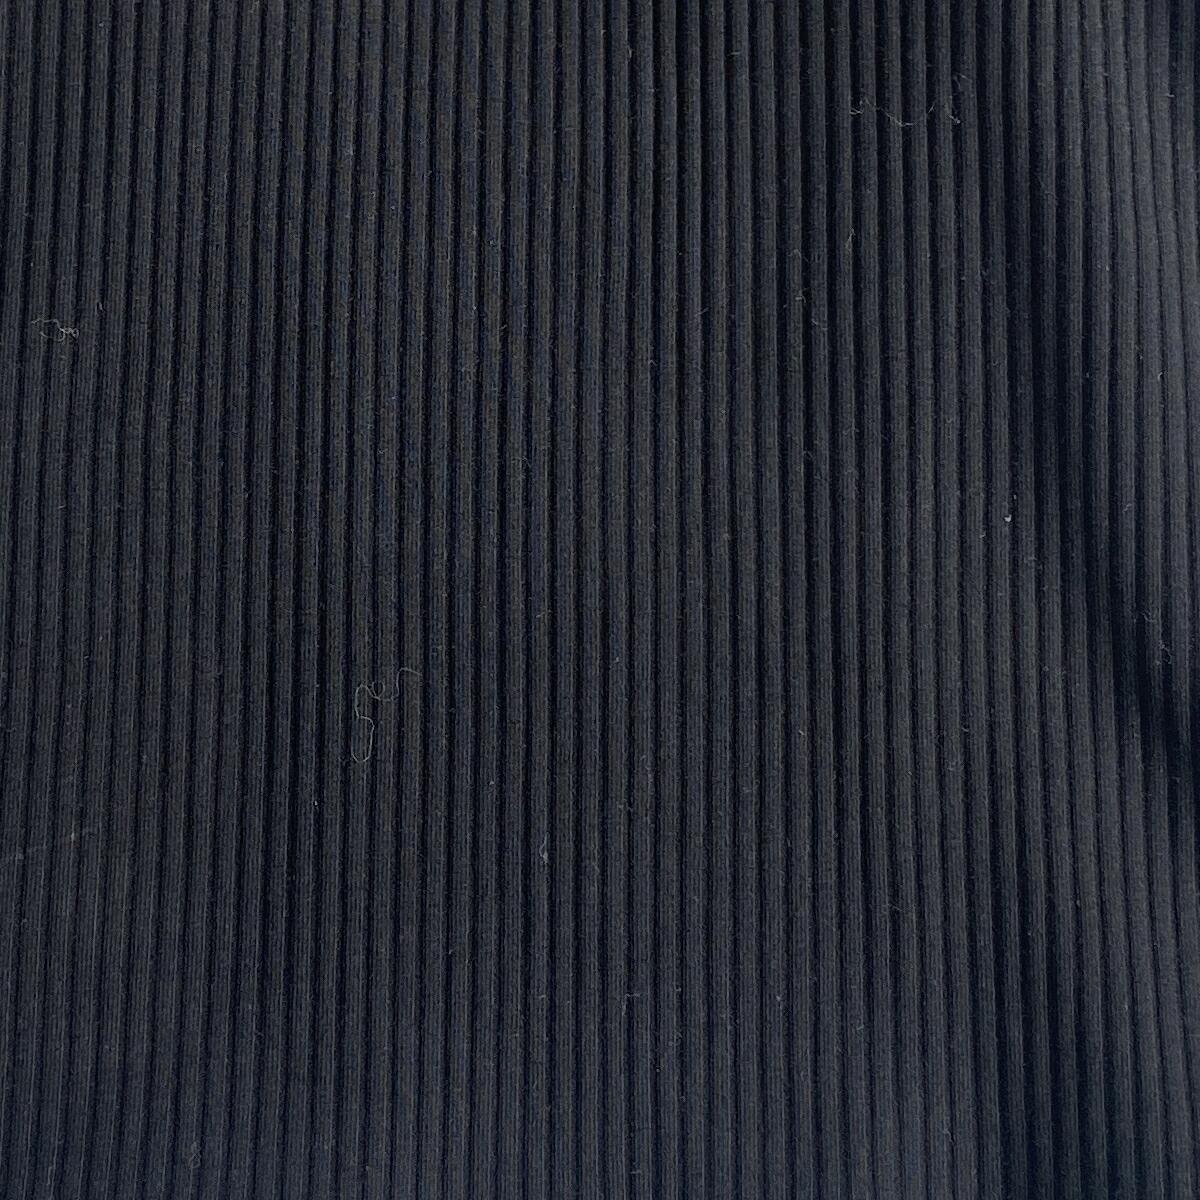 【Competito】カップ付きリブキャミソールSコンプティート小さいサイズコンプチ小柄低身長competitoカットソートップ服レディースXSSSS小さい服可愛いスモールサイズ